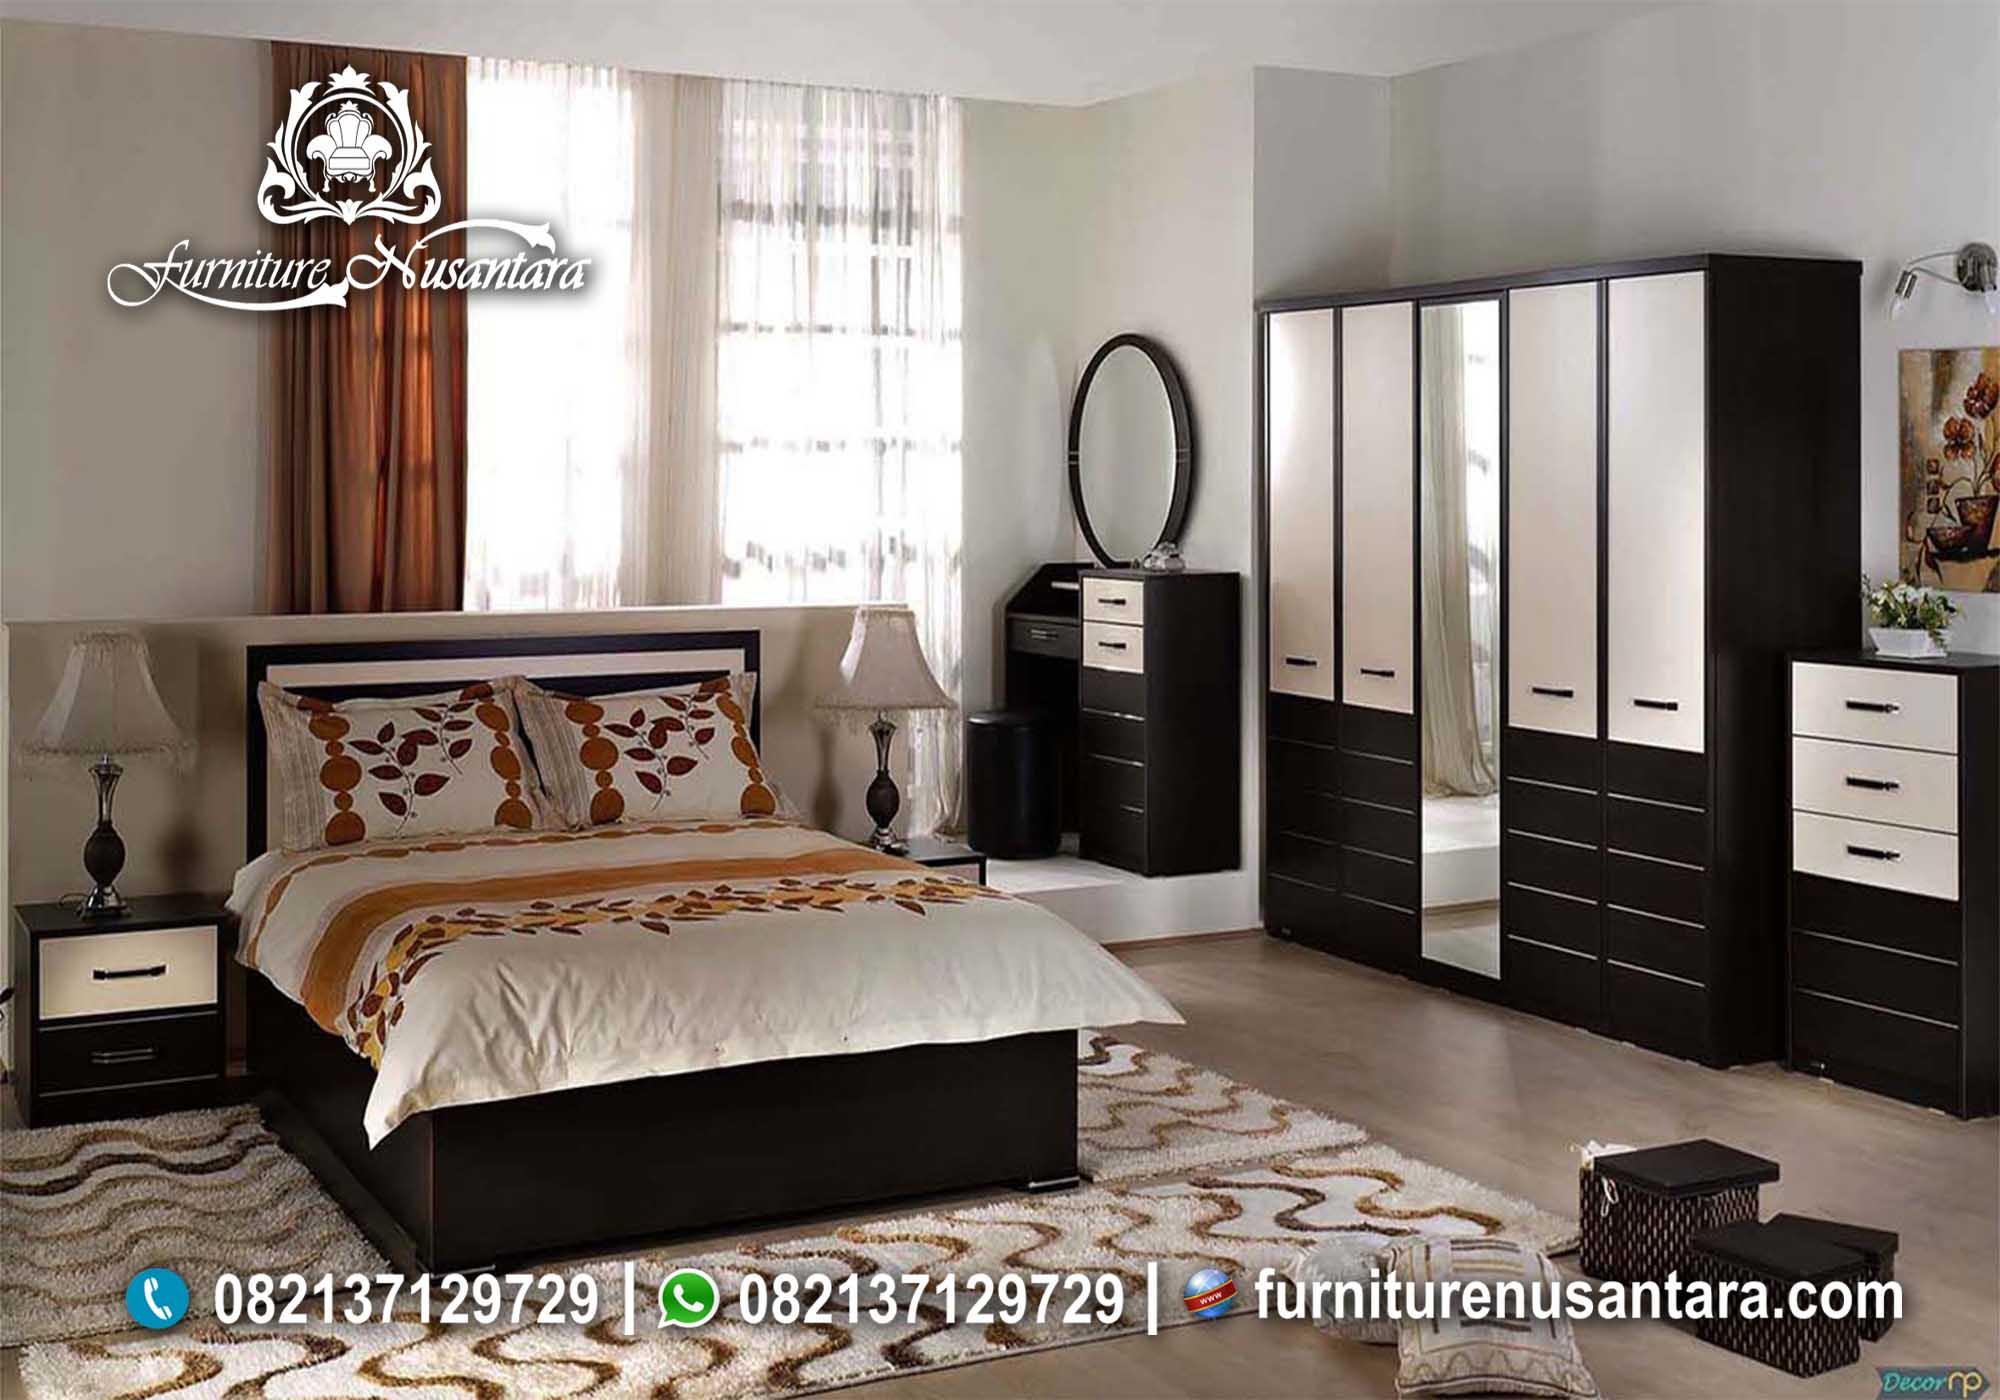 Jual Kamar Set Minimalis Modern Terbaru KS-59, Furniture Nusantara